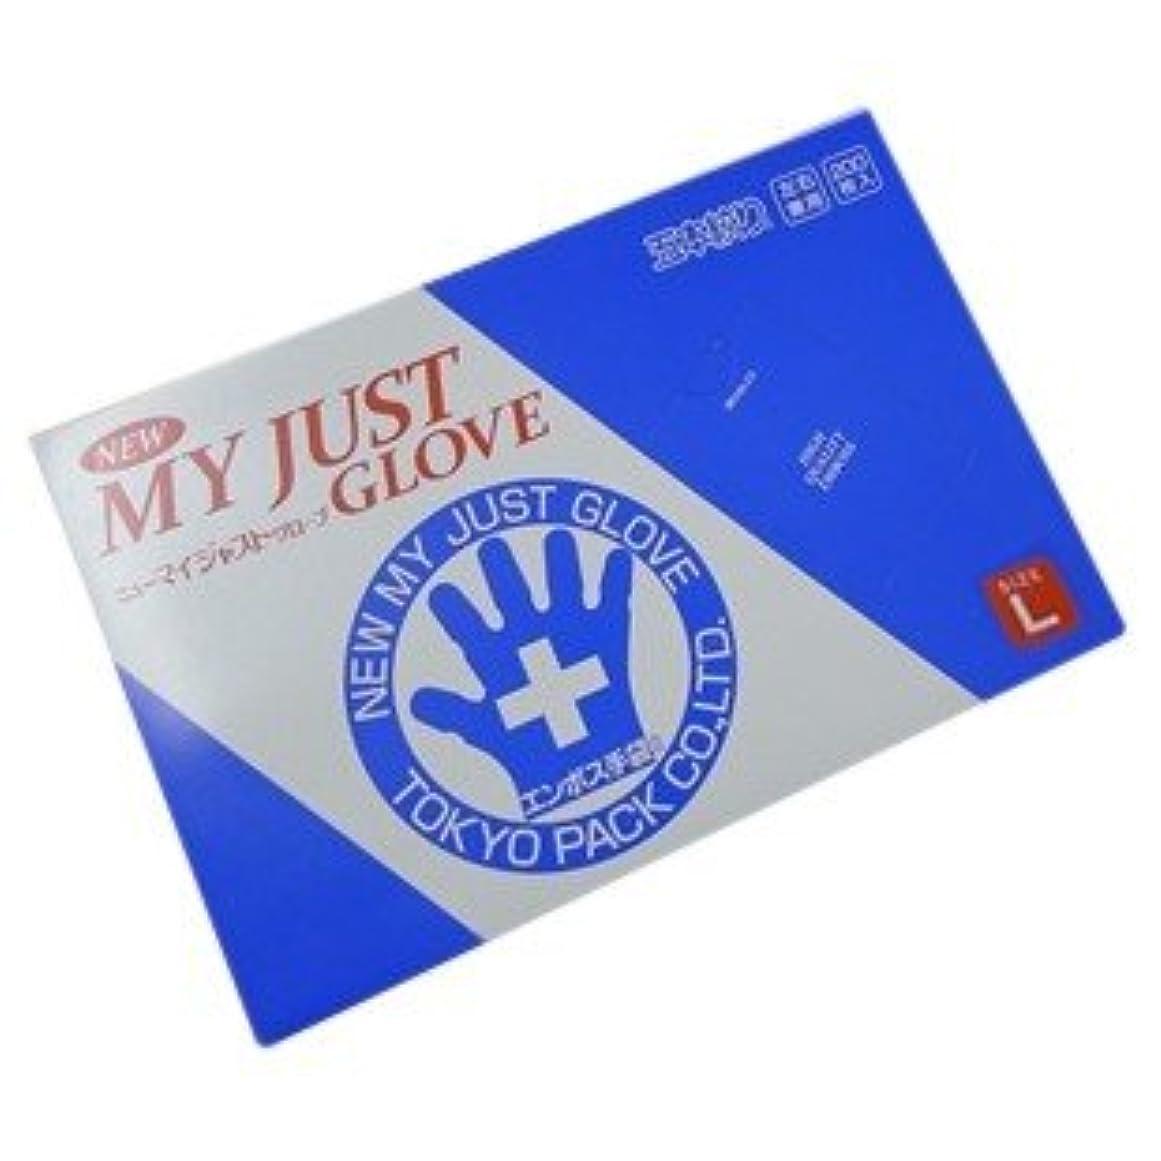 釈義朝ごはんコンベンションエンボス手袋 ニューマイジャストグローブ L 200枚 東京パック 海外品